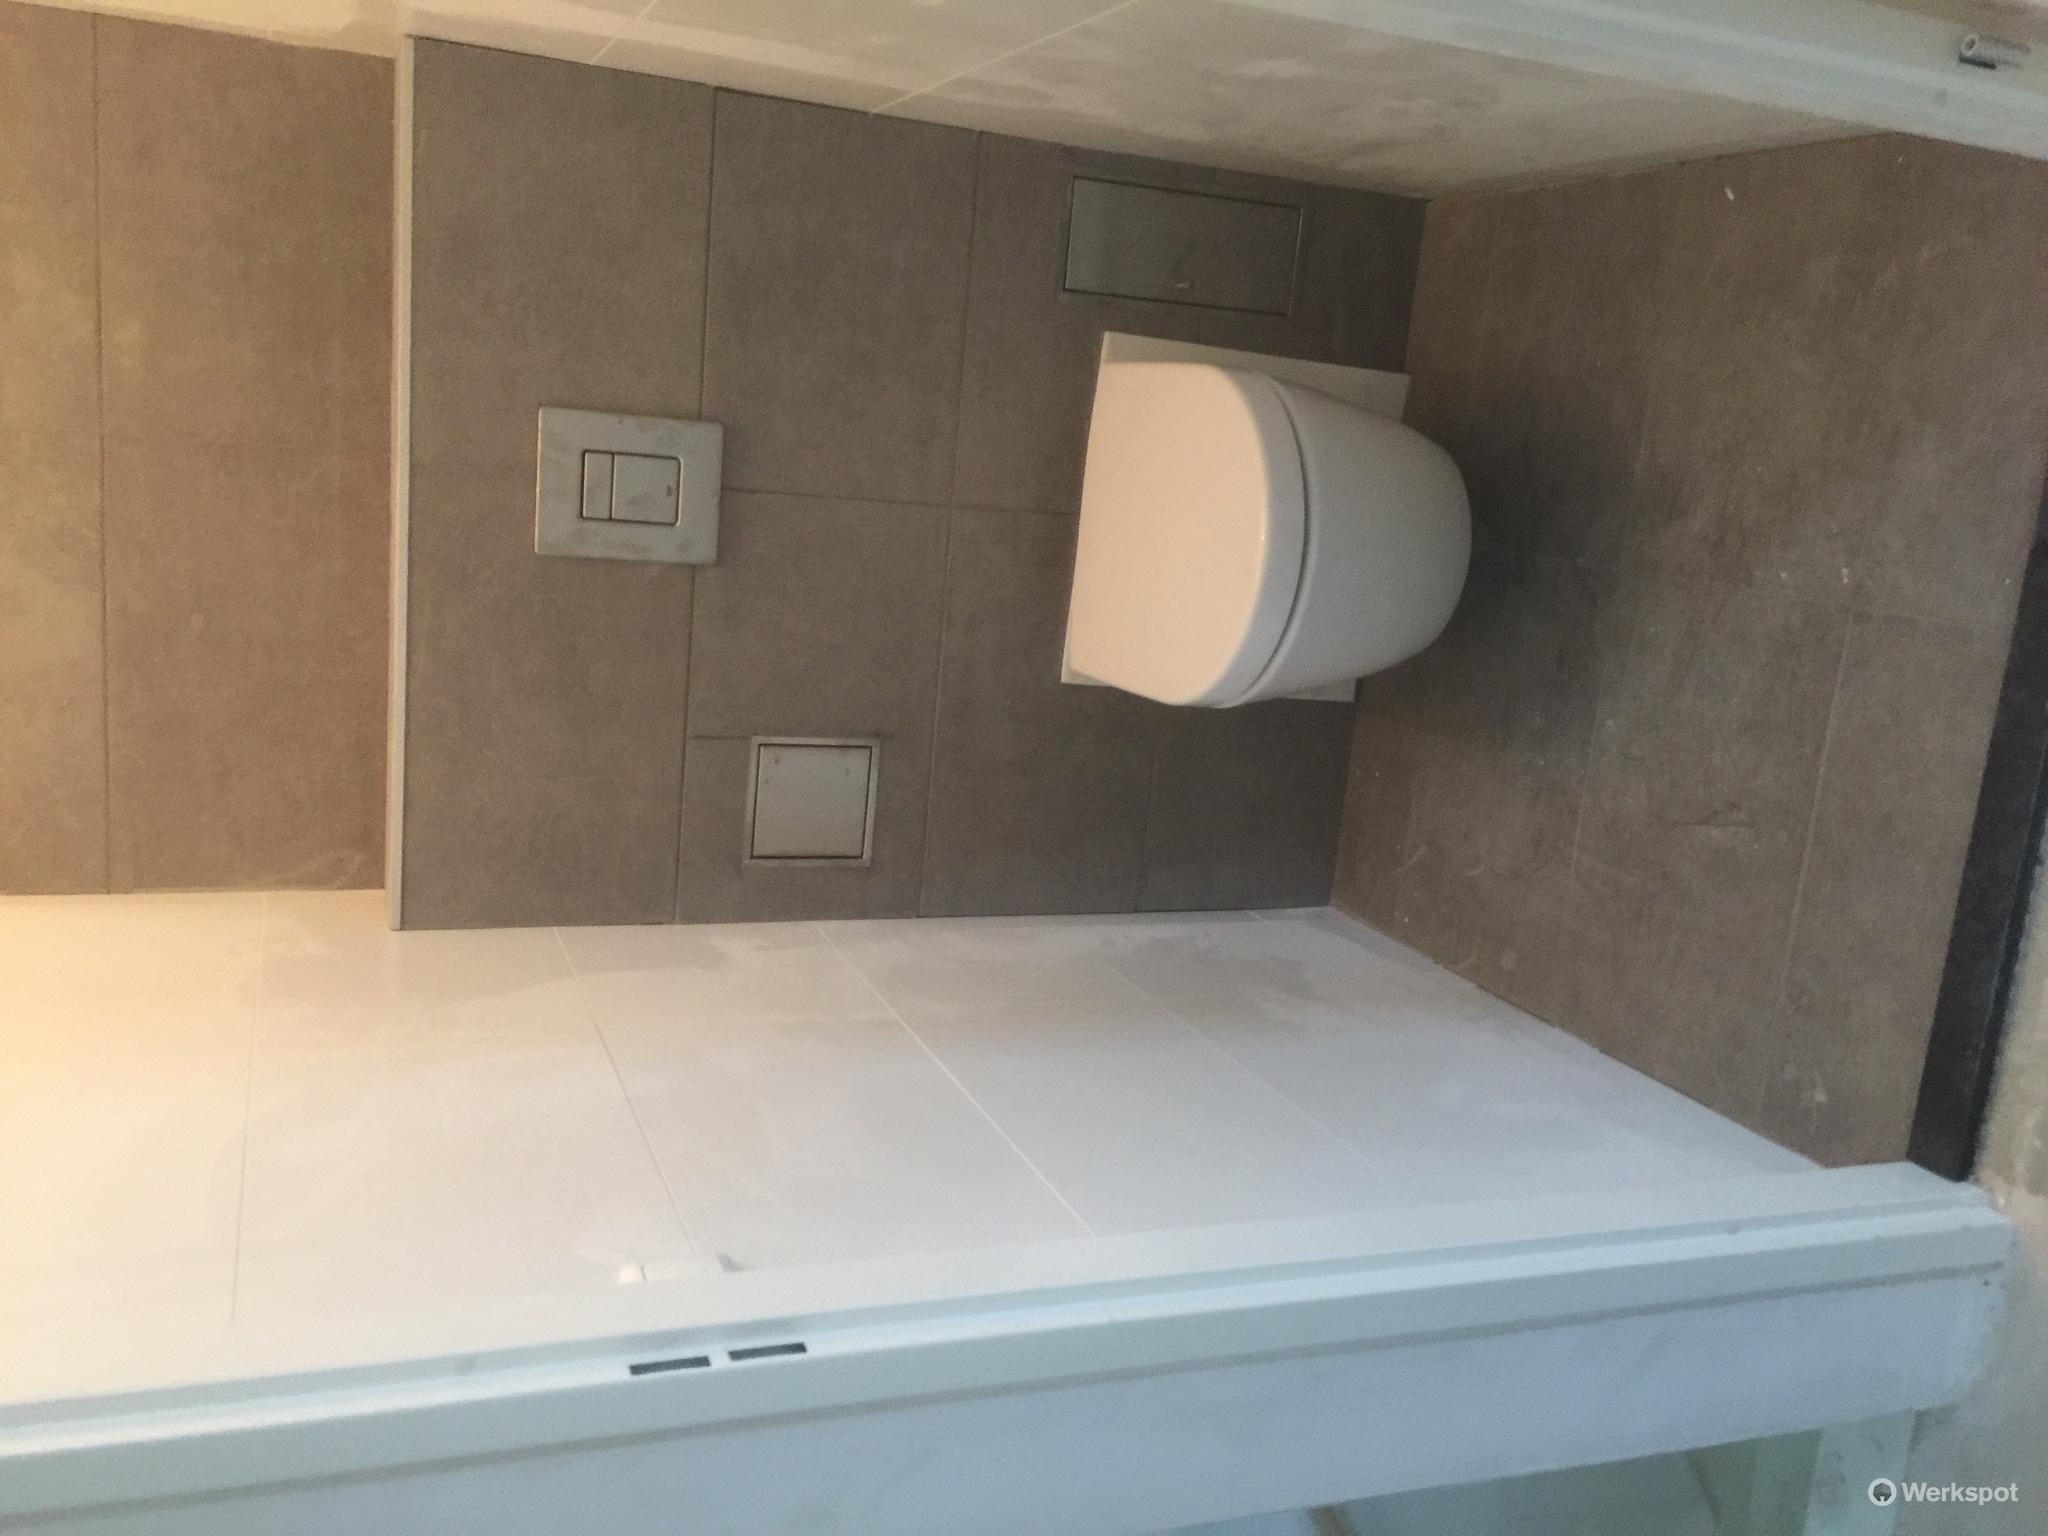 betegelen badkamer inclusief drain plaatsen 2x toilet betegelen